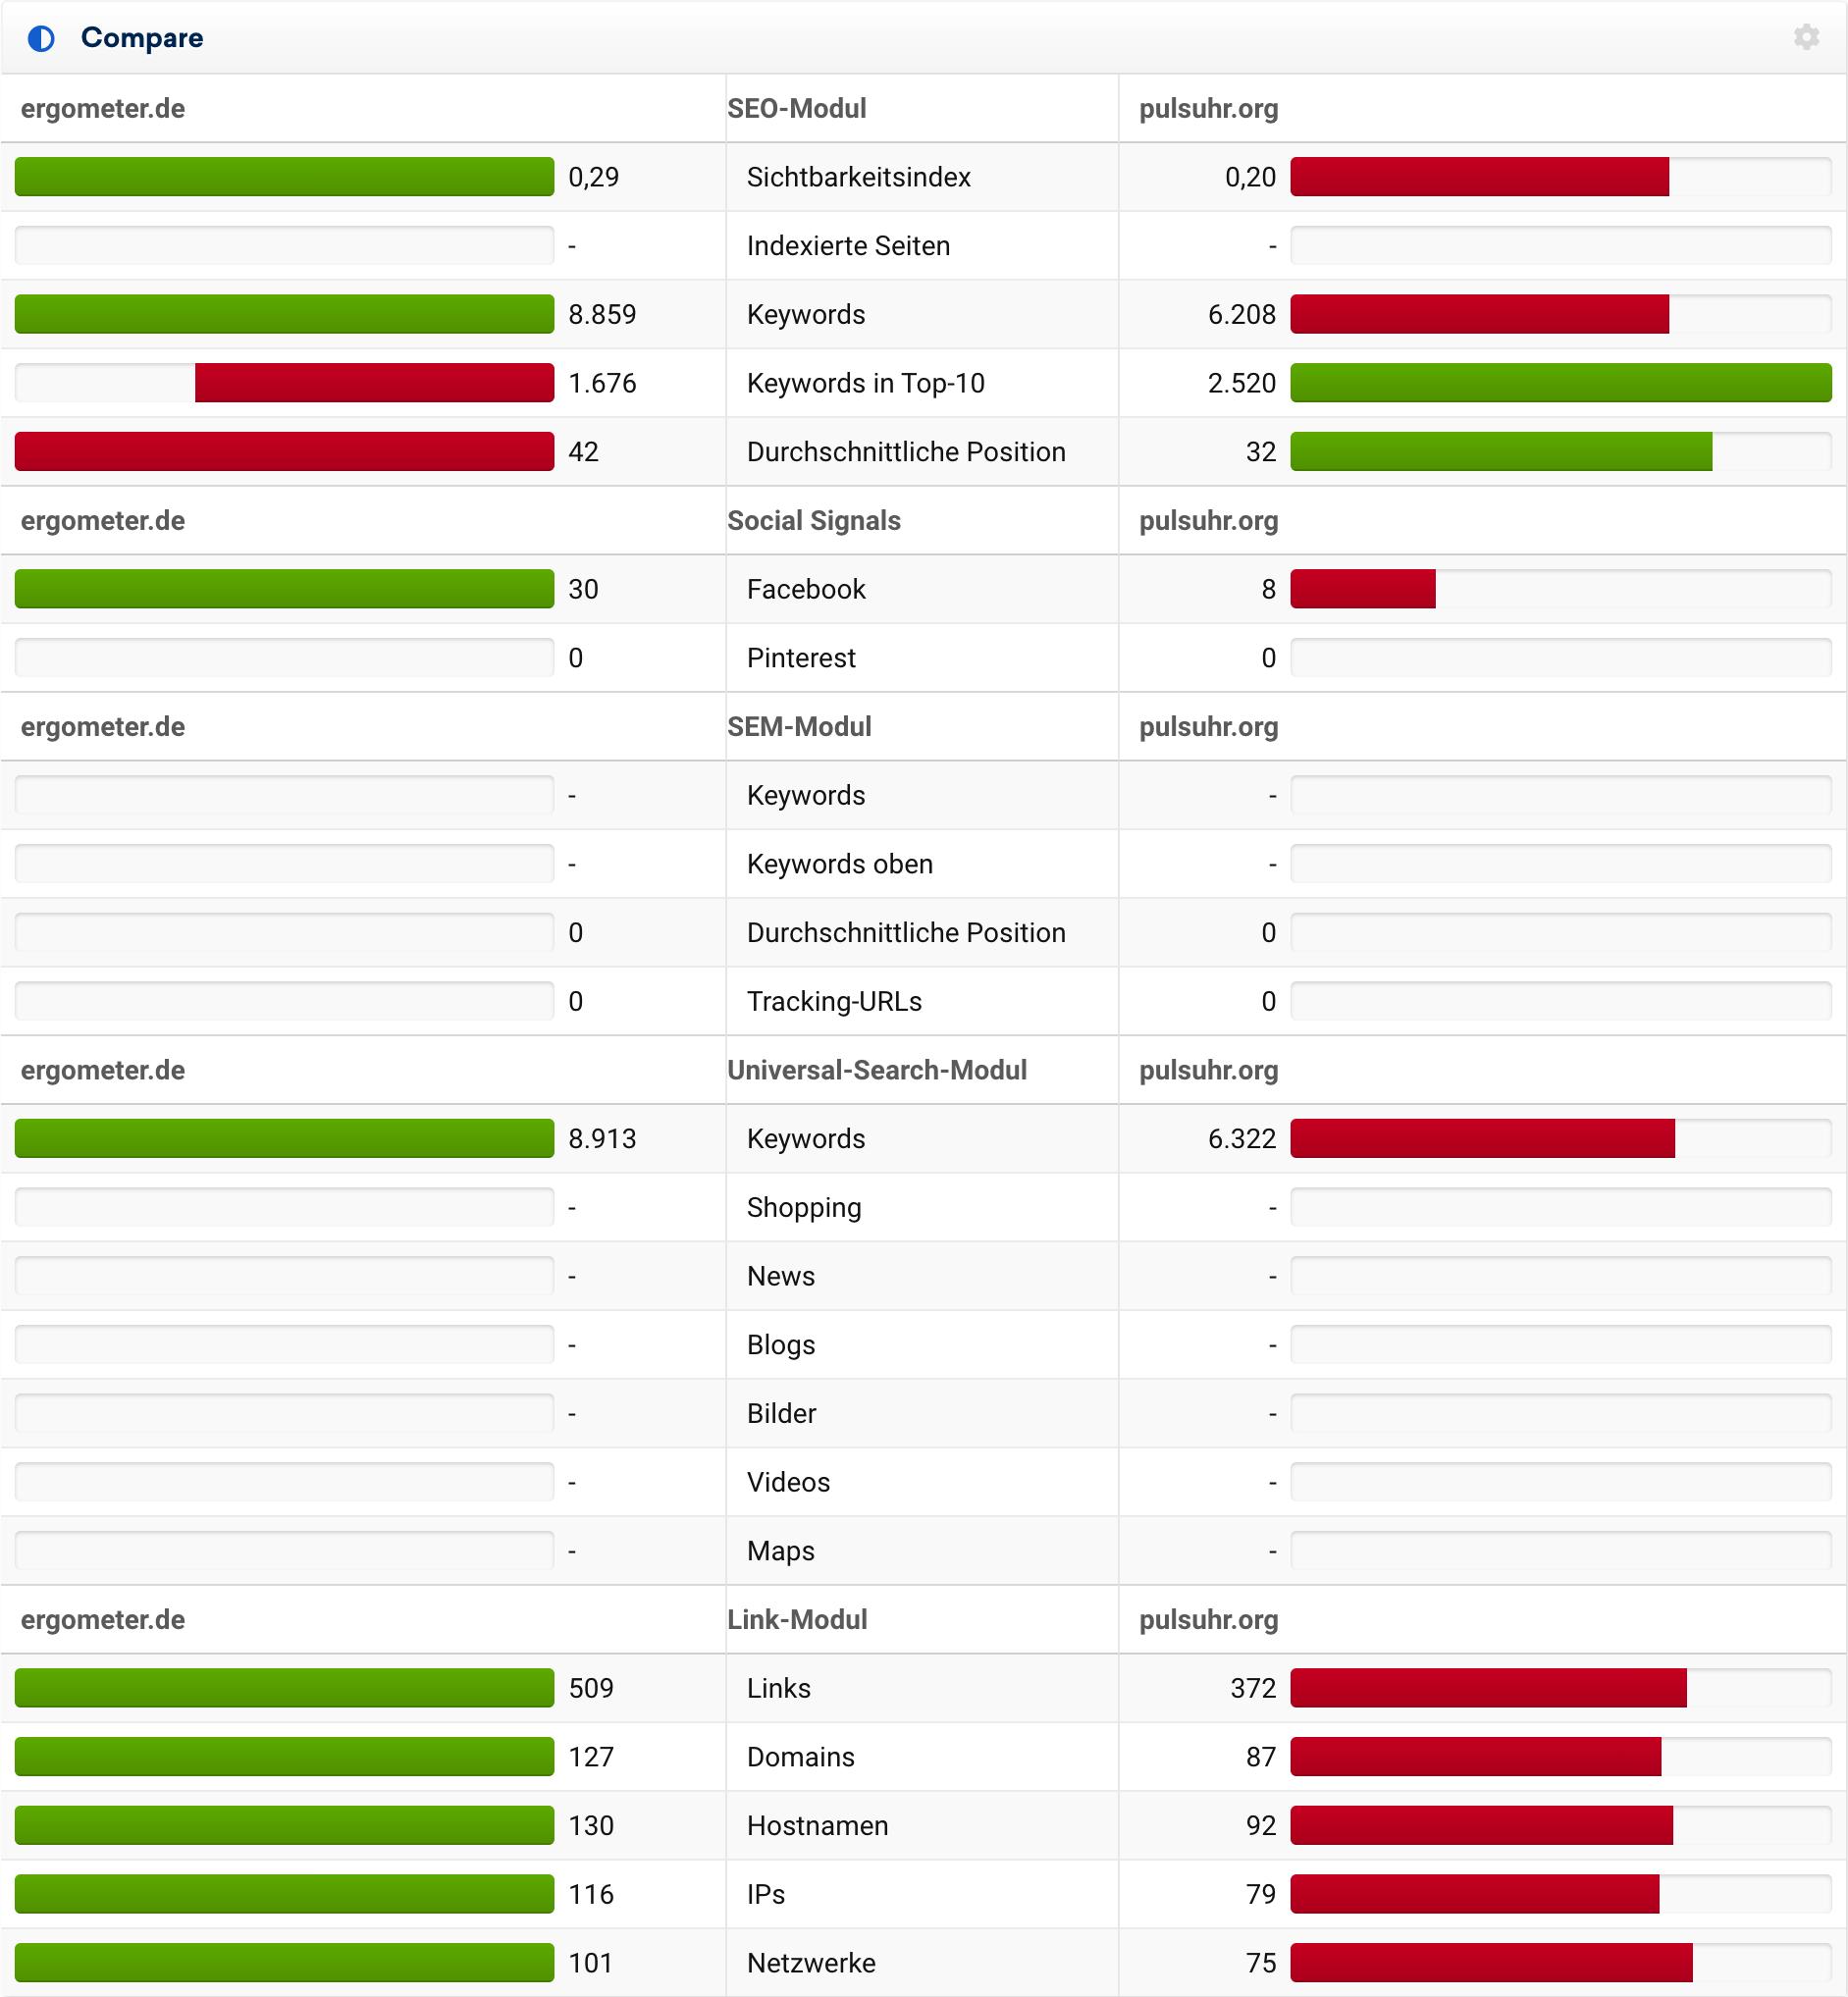 Vergleich von pulsuhr.org und ergometer.de nach den wichtigsten SEO-Kriterien